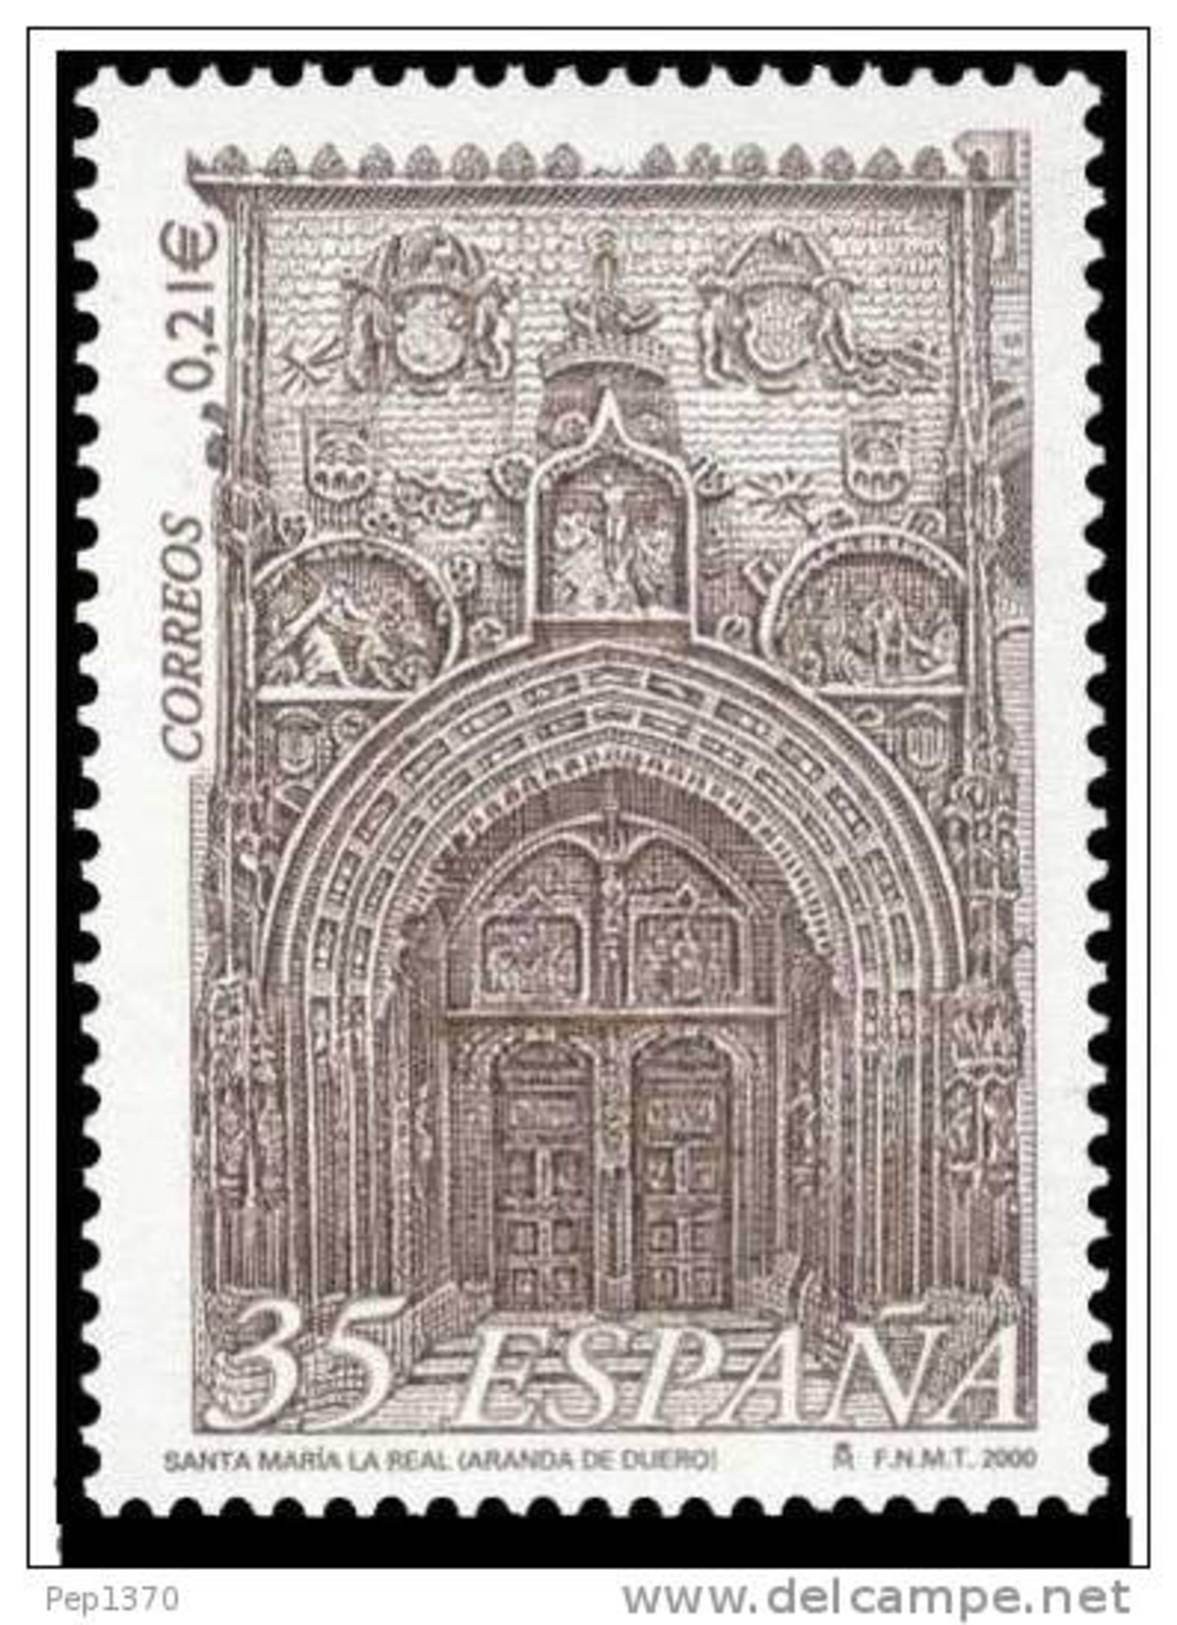 ESPAÑA 2000 - IGLESIA DE SANTA MARIA LA REAL DE ARANDA DE DUERO - Edifil Nº 3771 - YVERT 3338 - 1931-Hoy: 2ª República - ... Juan Carlos I